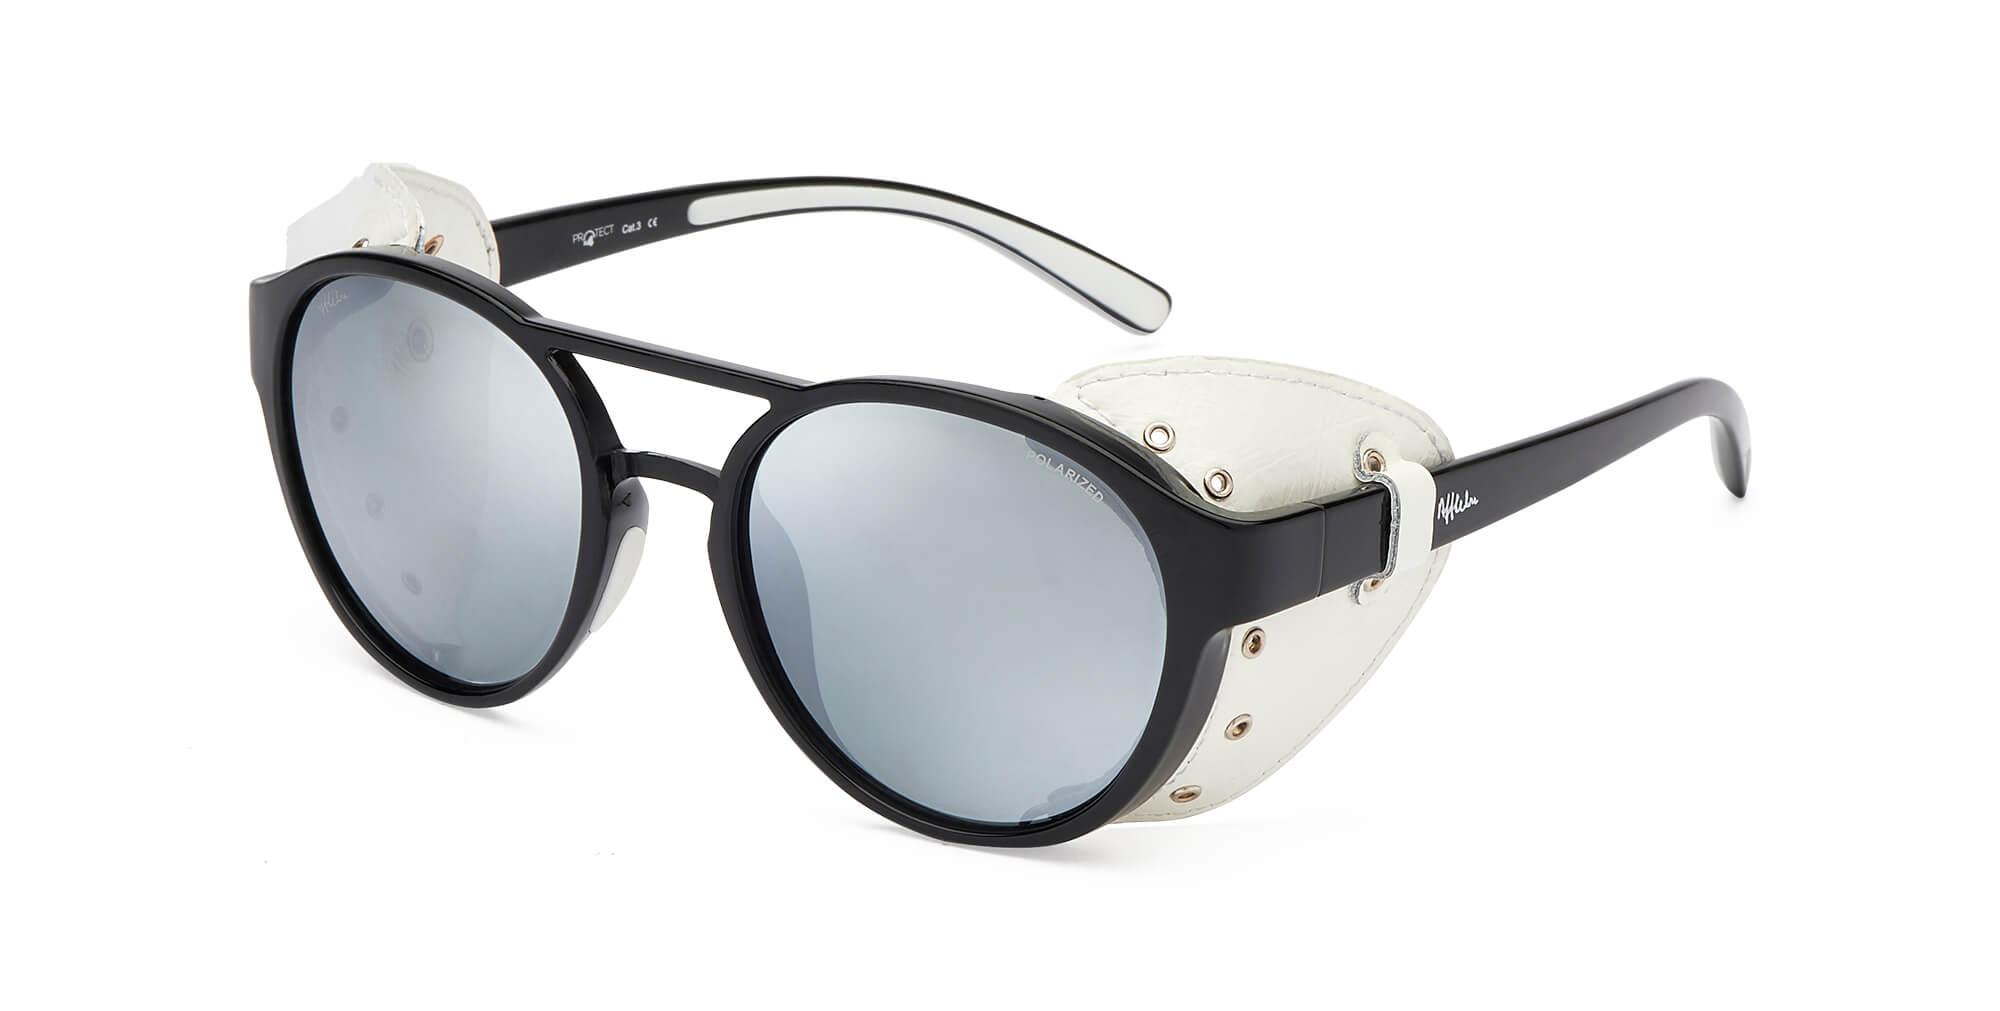 9b46621d1f También incluye remaches metálicos para evitar el riesgo de vaho en las  gafas.